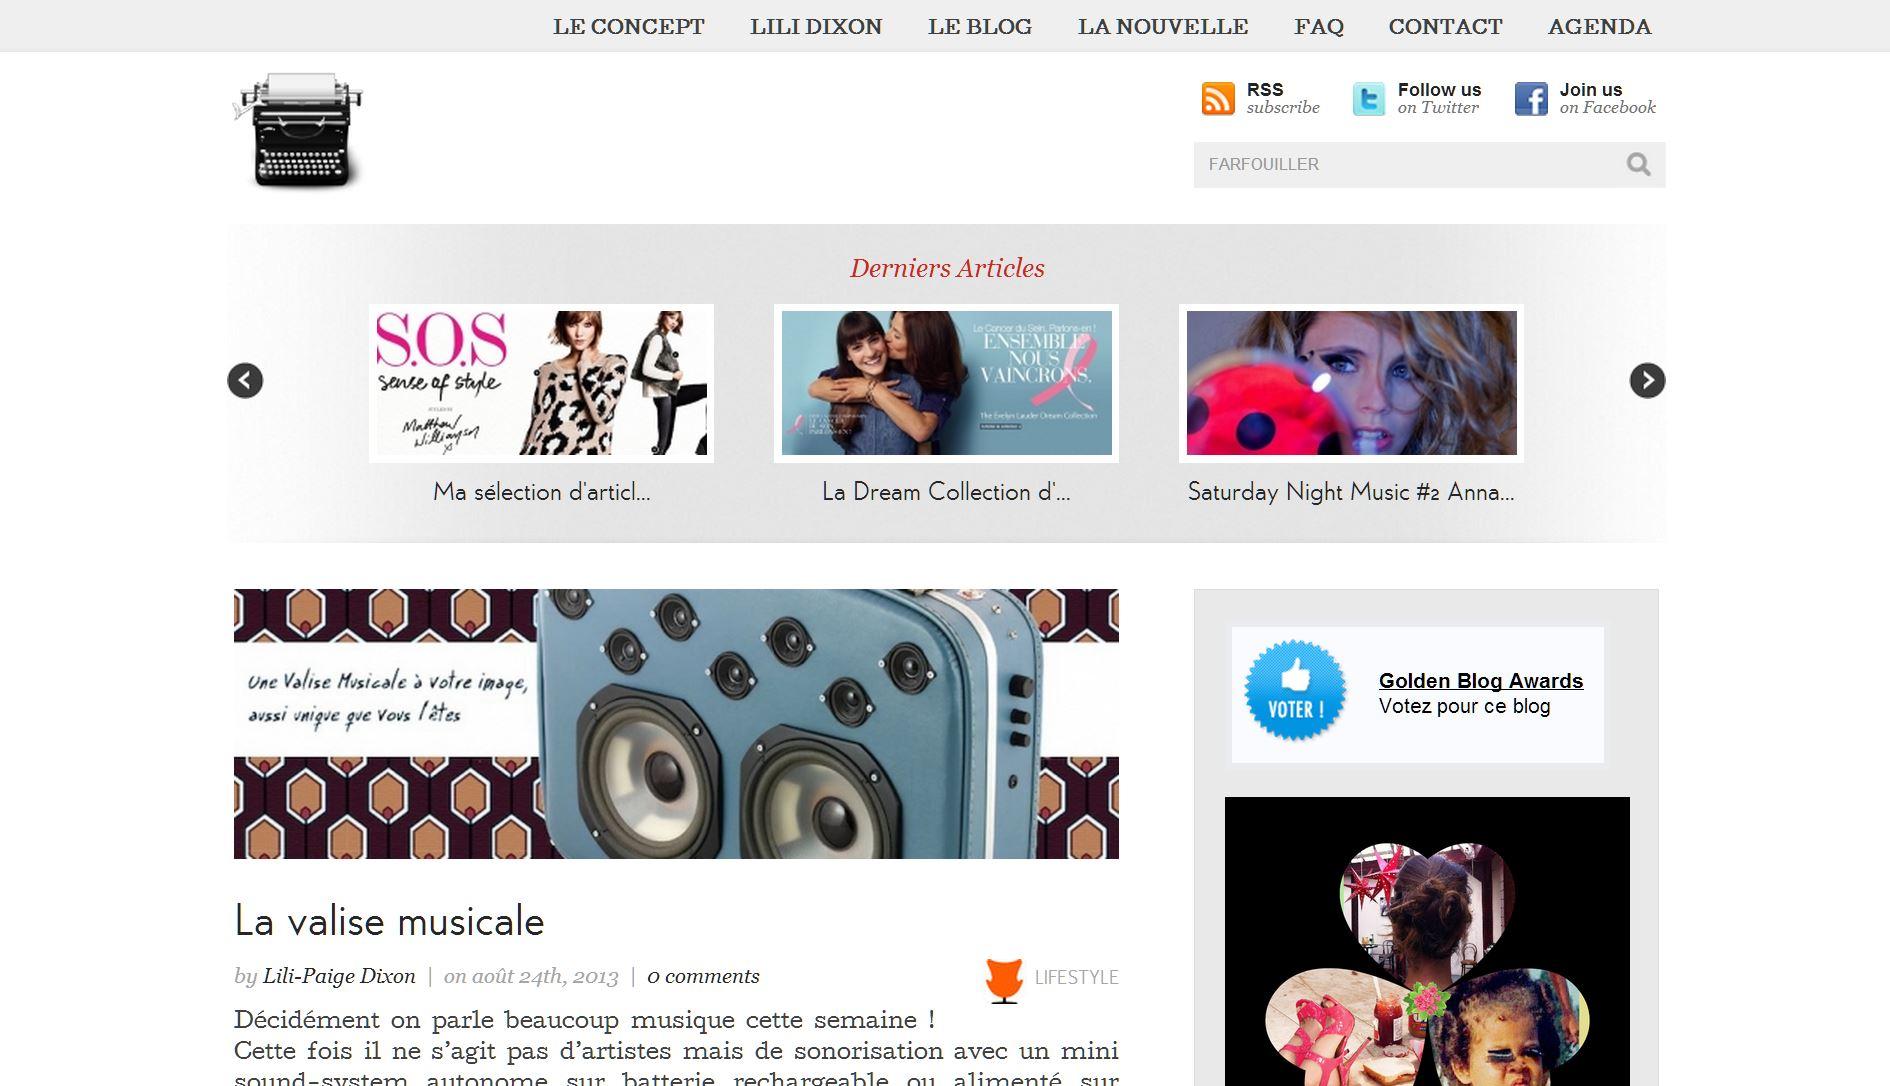 valise musicale_article blog_Les Futilites De Lili